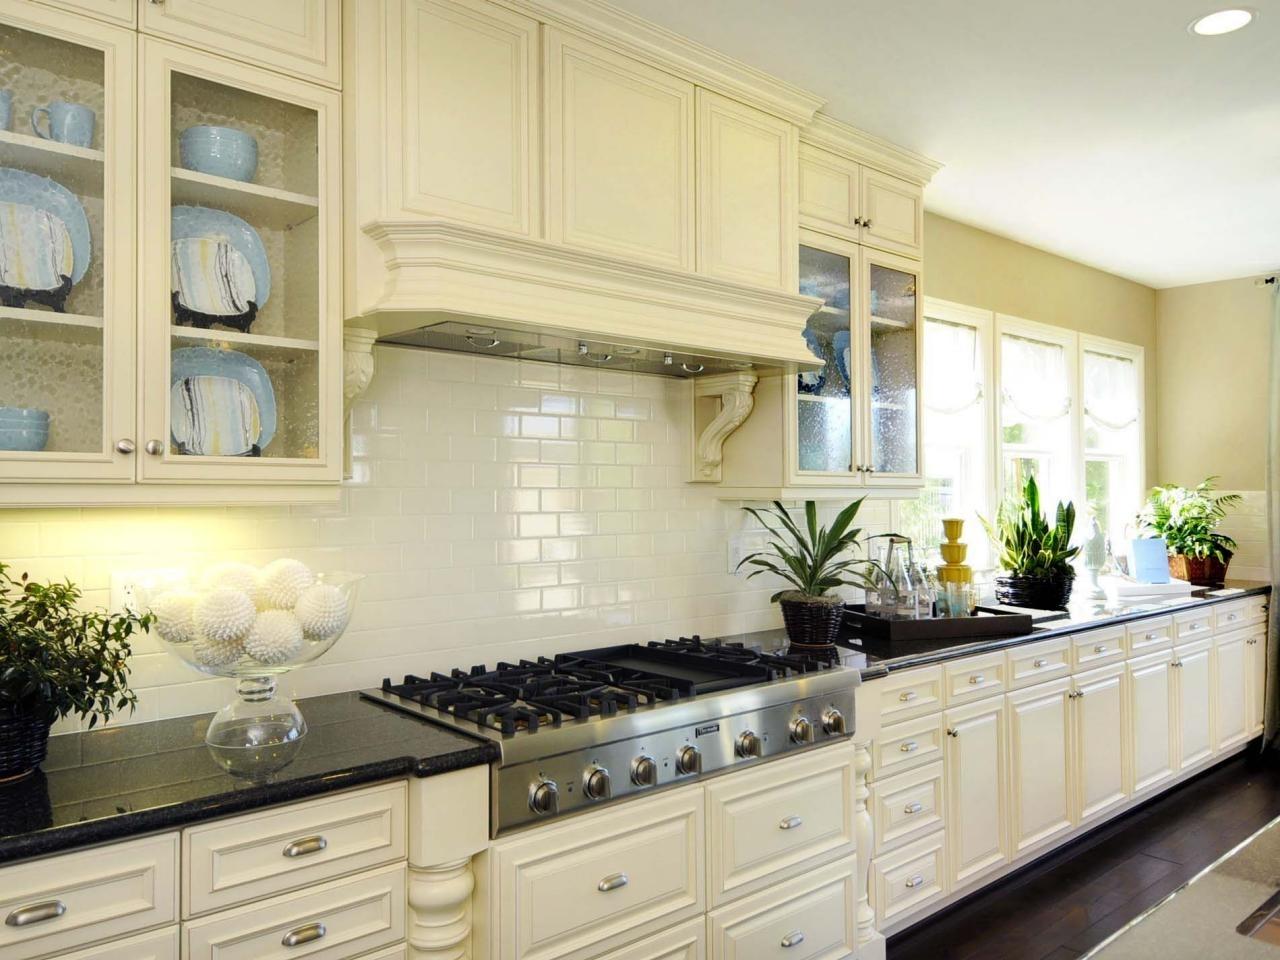 10 Gorgeous Subway Tile Kitchen Backsplash Ideas %name 2020